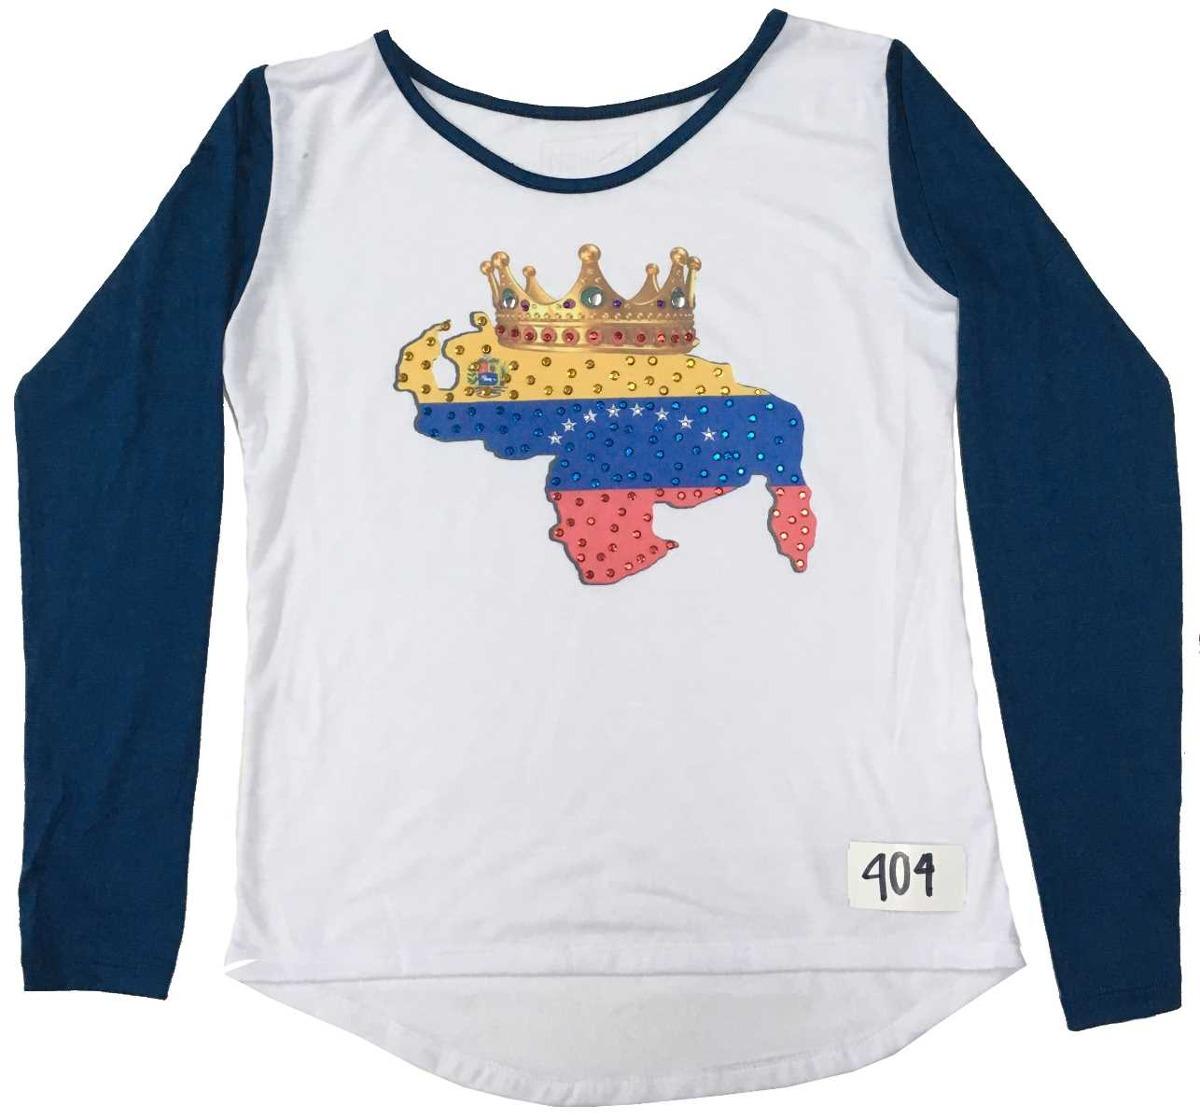 Camisa De Venezuela, Franelas, Blusas De Dama, Sueter - Bs. 6,55 en ...